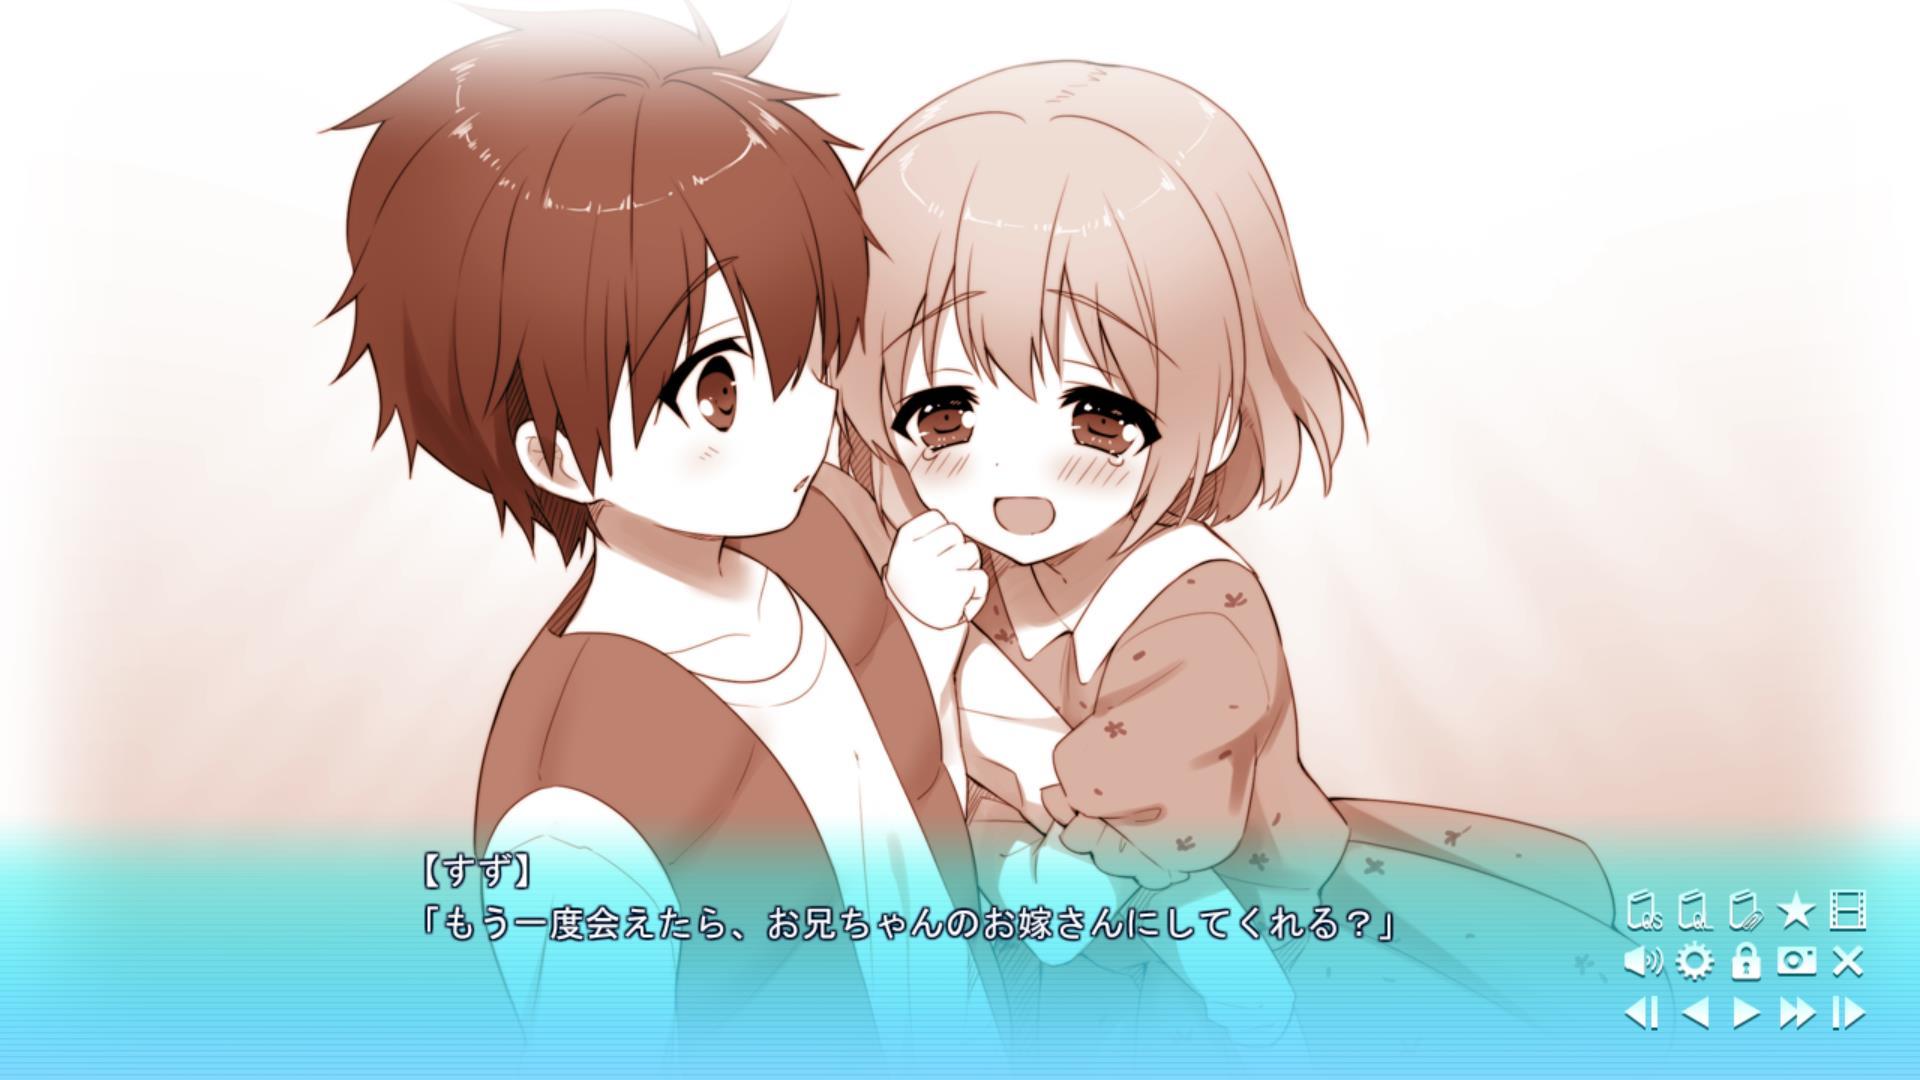 【スキとスキとでサンカク恋愛】妹の三角関係はちょっと切ないねのトップ画像